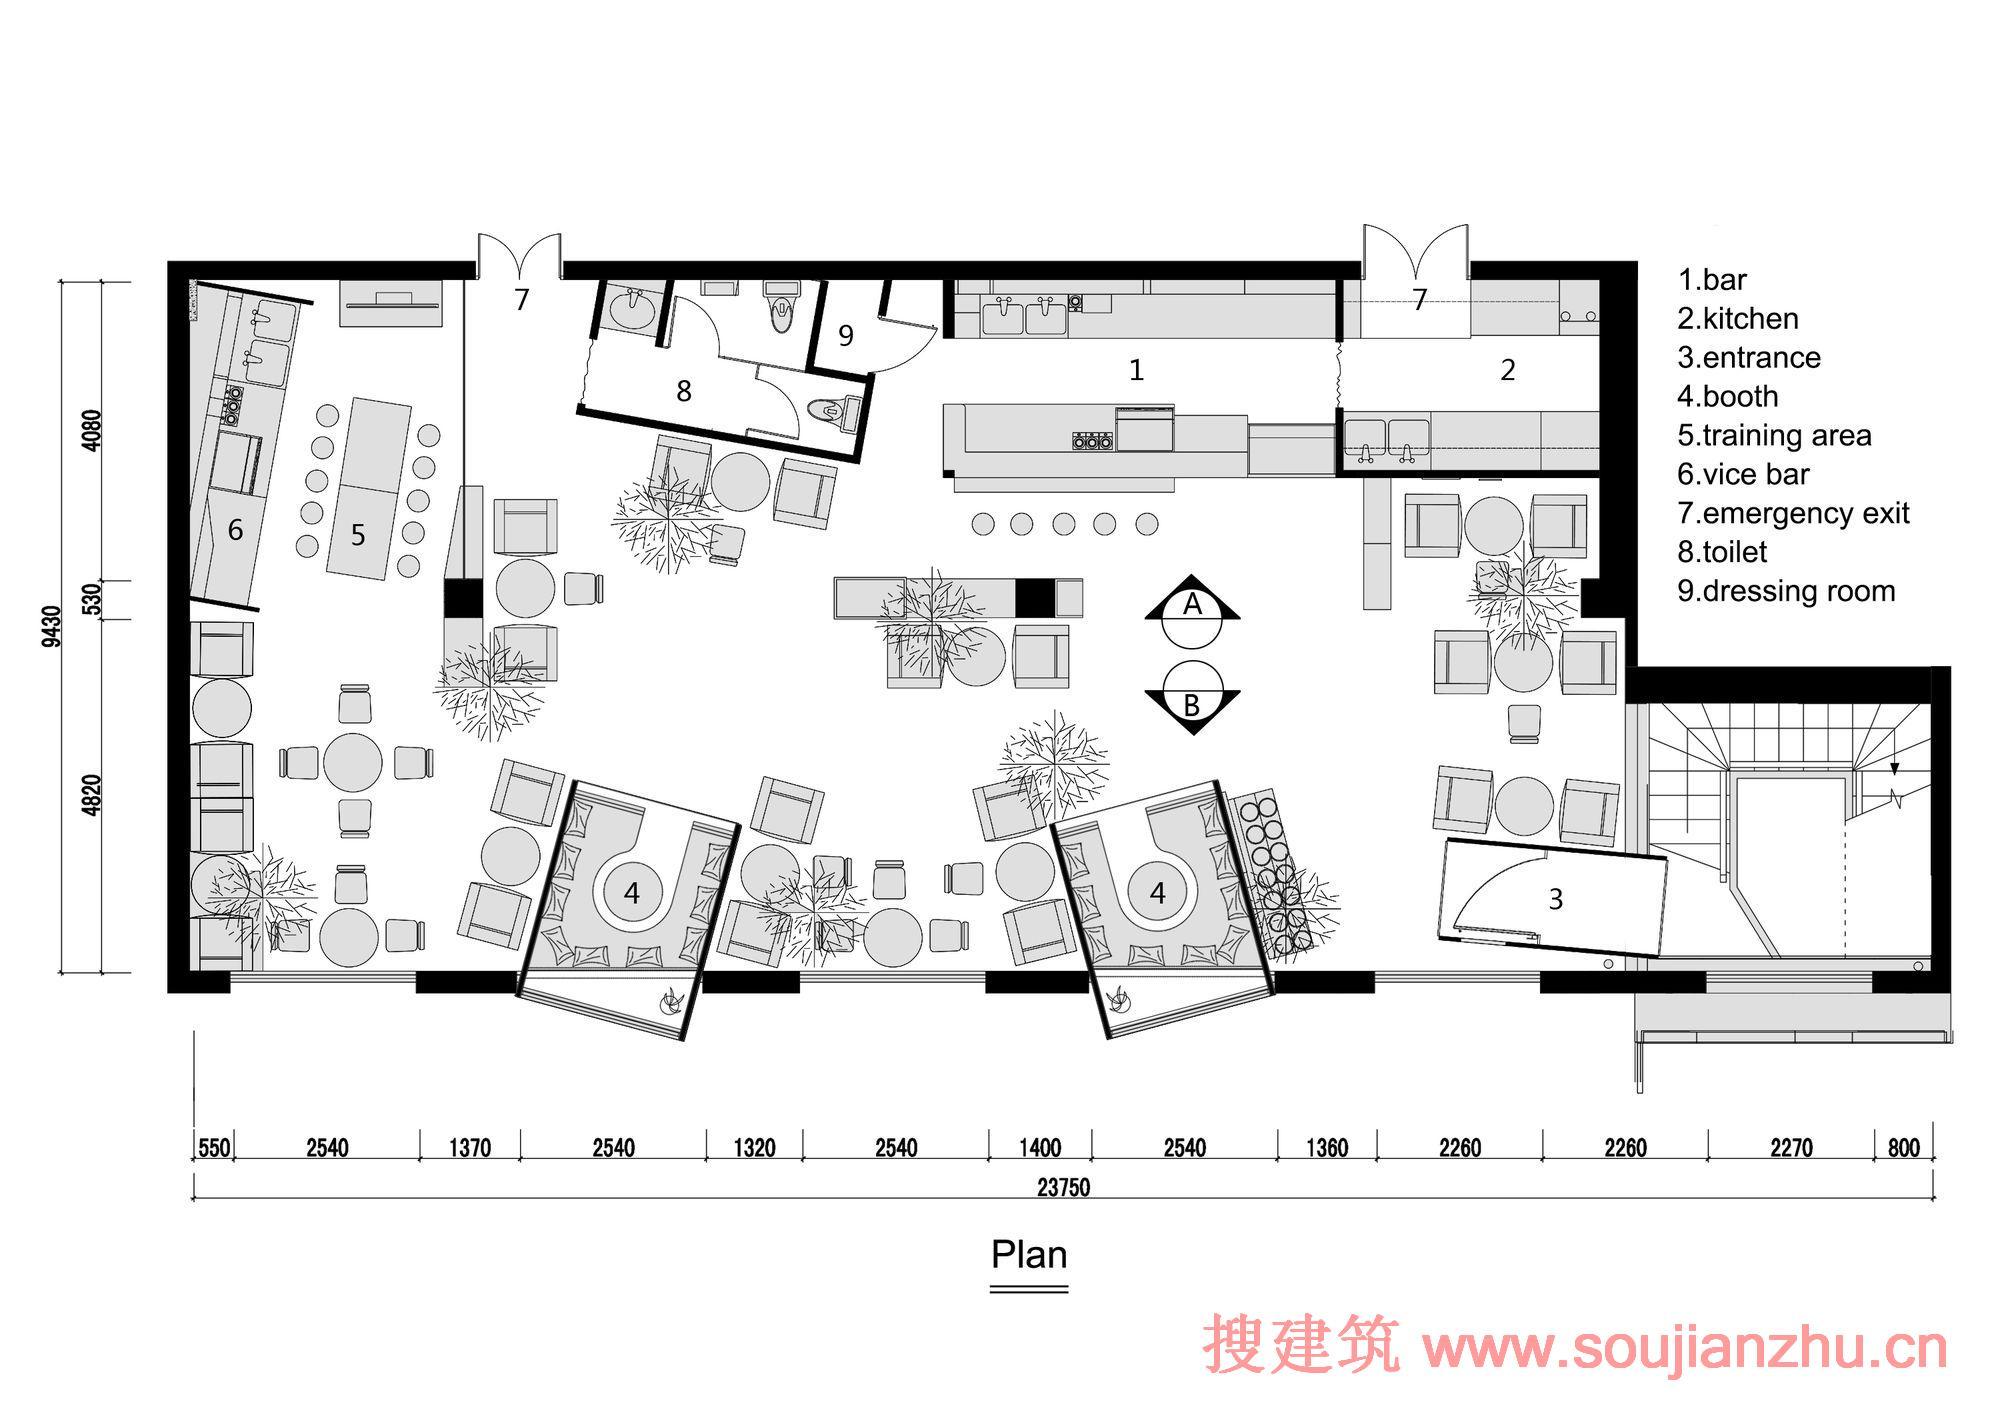 两室一厅三层平面设计图_两室一厅三层平面设计图图片